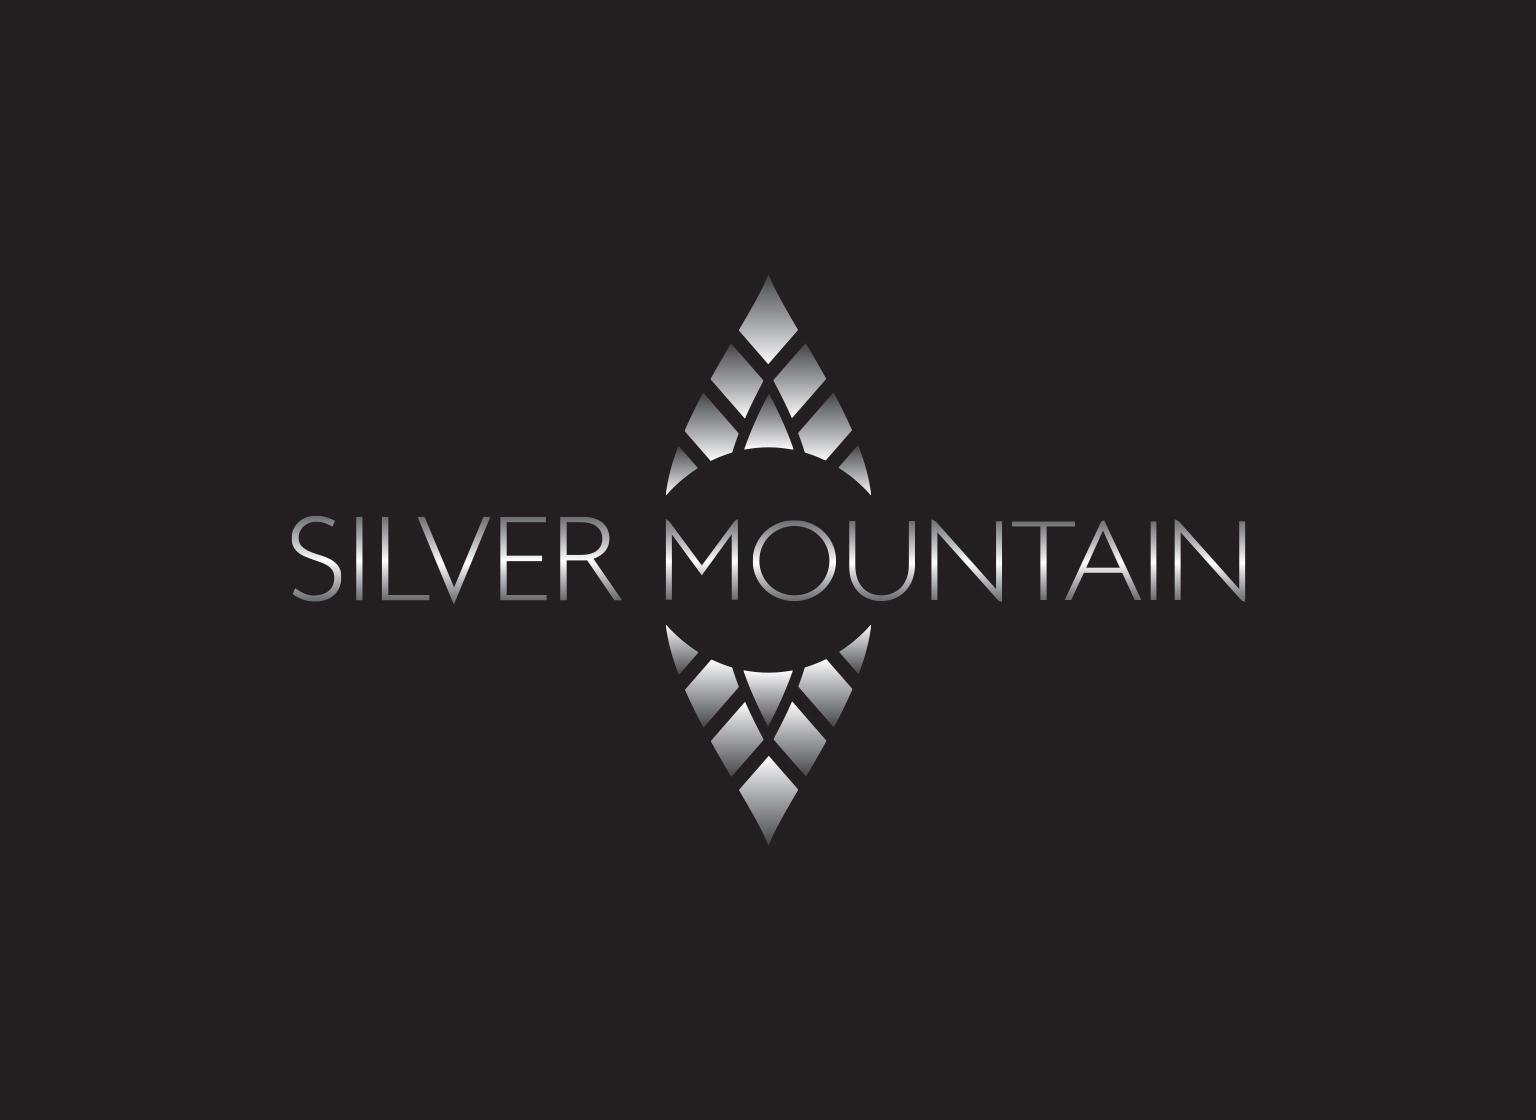 Silver Mountain portfolio inoveo logo